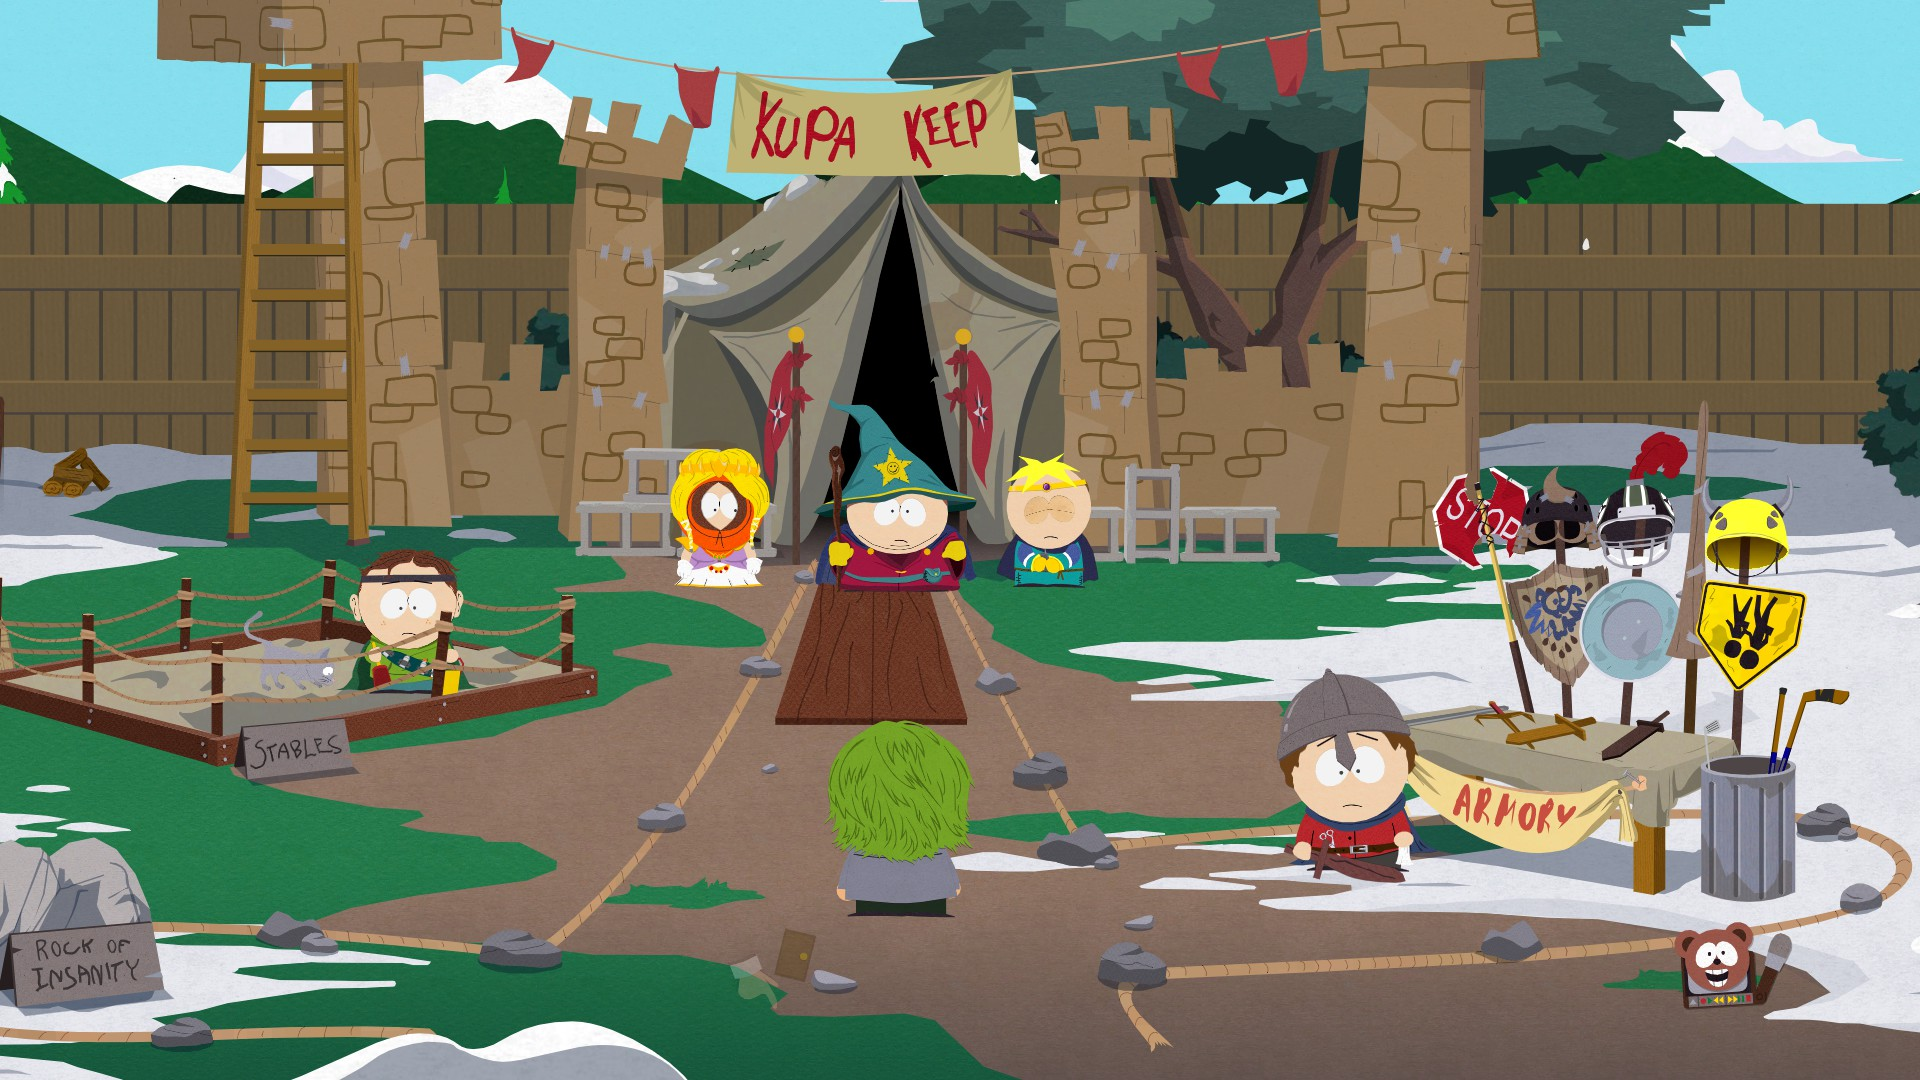 South Park Der Stab der Wahrheit -  Garten Burg Kupa Keep